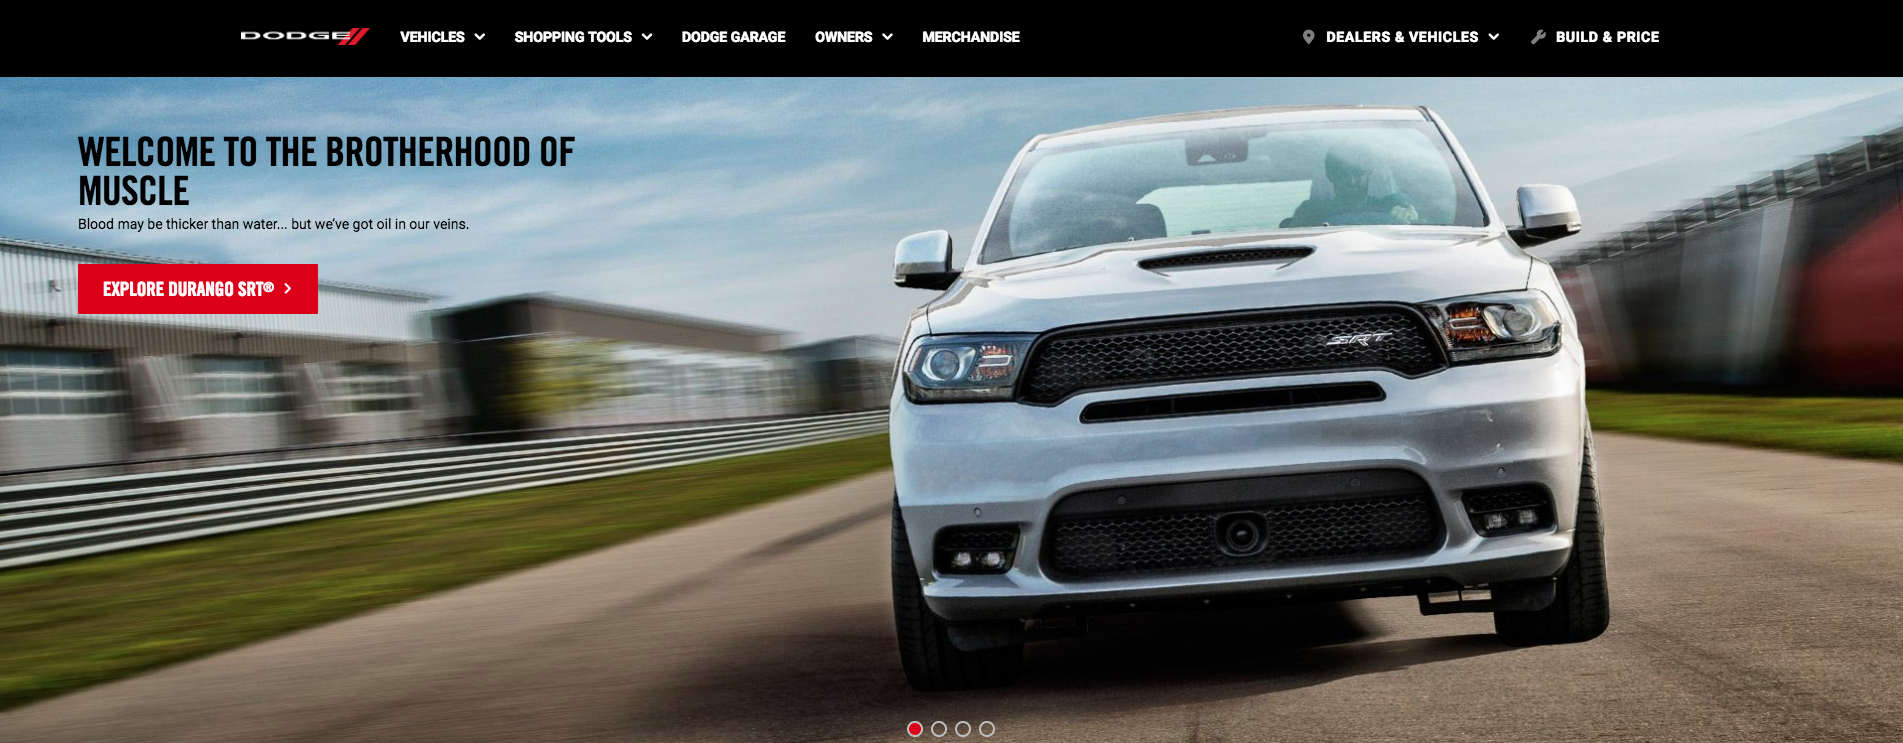 Dodge-Website-Screenshot